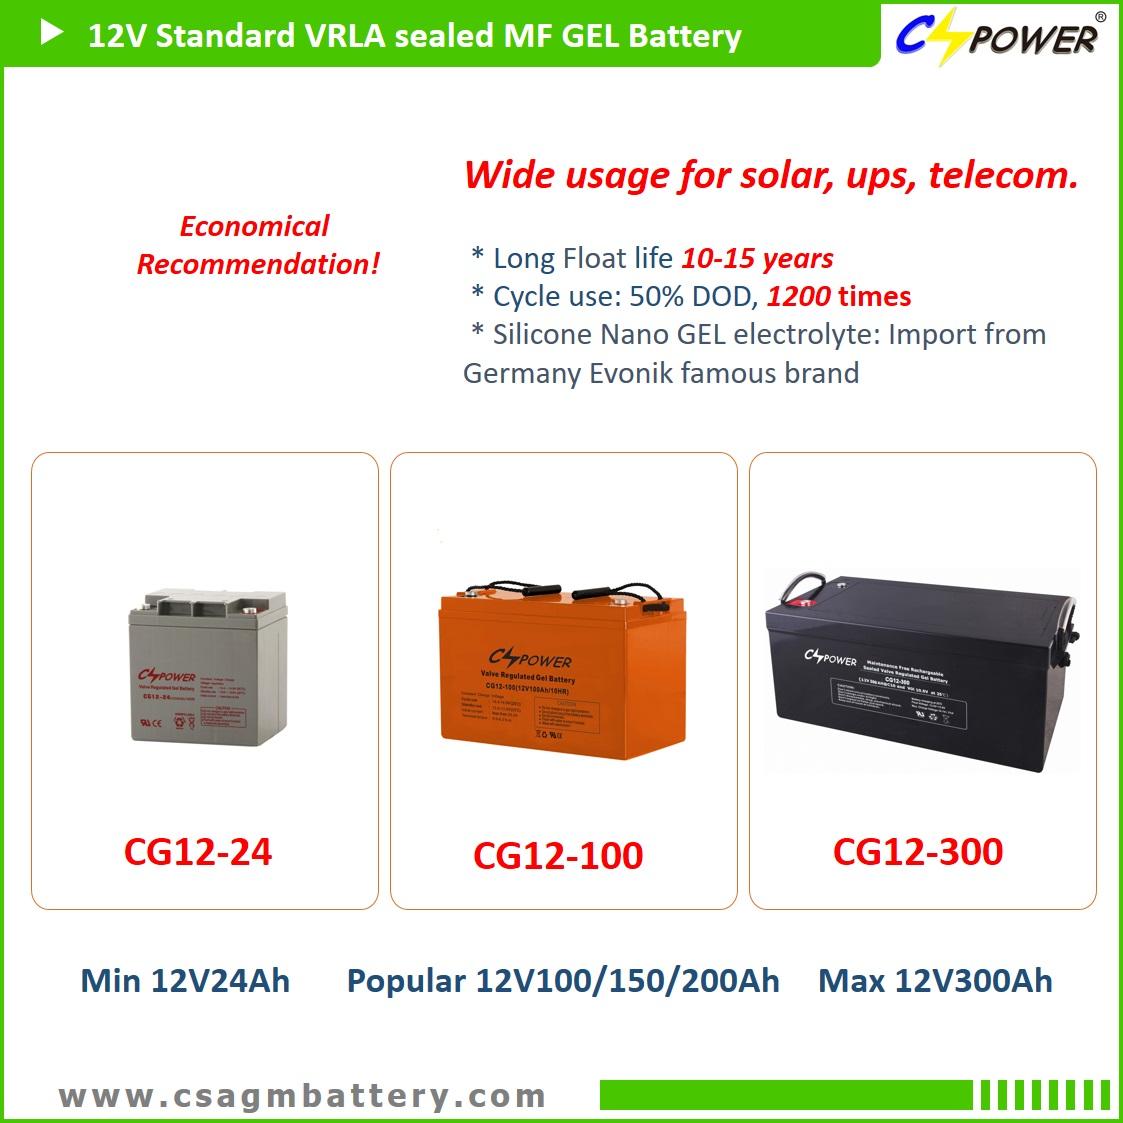 CSPOWER CG series gel battery upto 12V250Ah